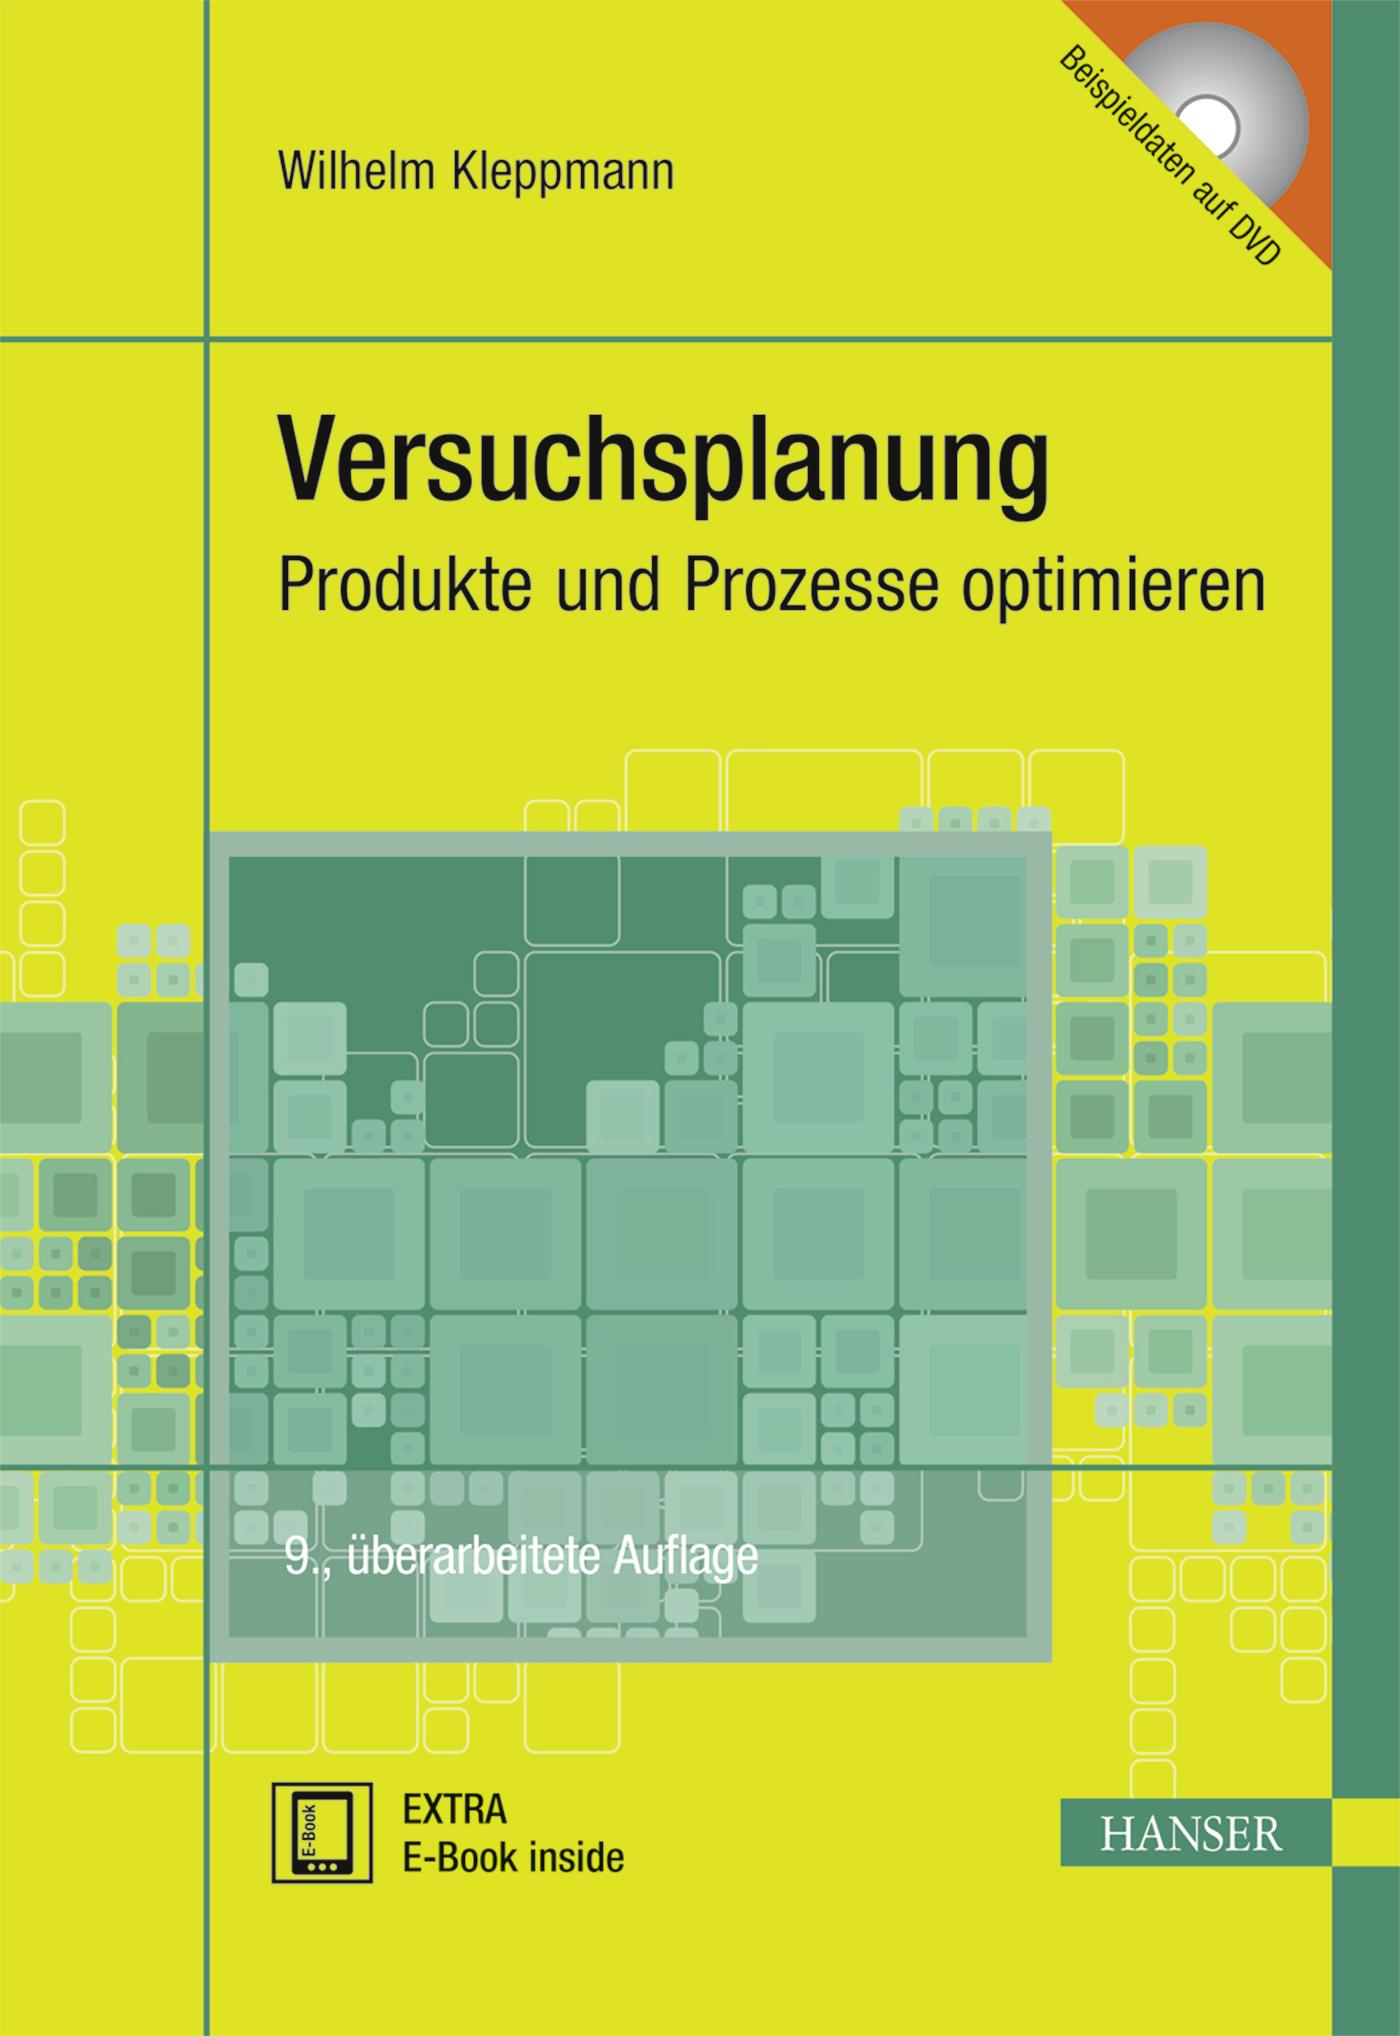 Kleppmann, Versuchsplanung, 978-3-446-44716-5